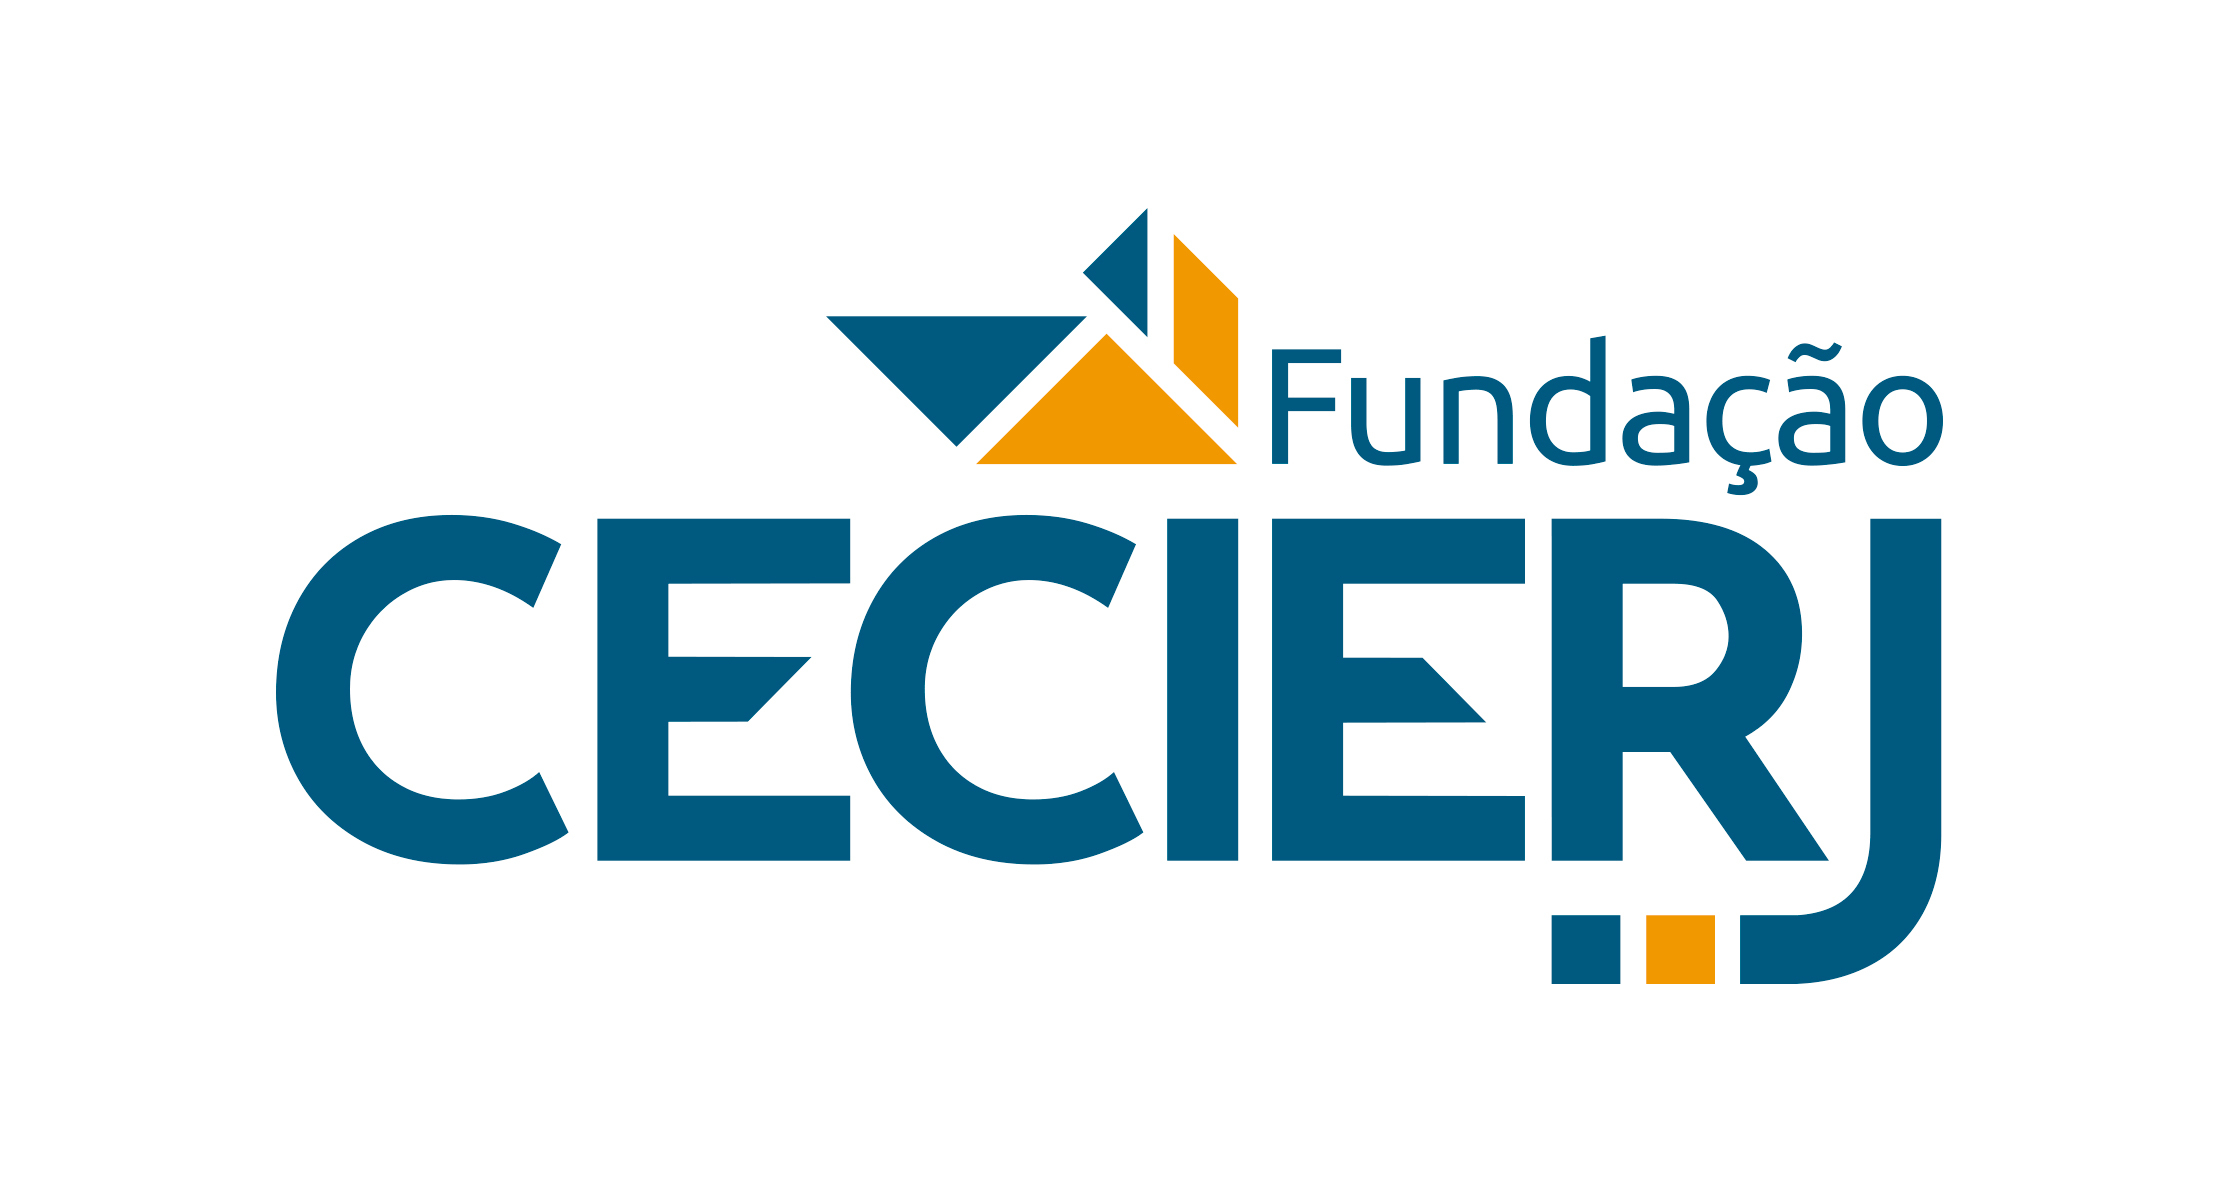 Inscrição CEDERJ 2021